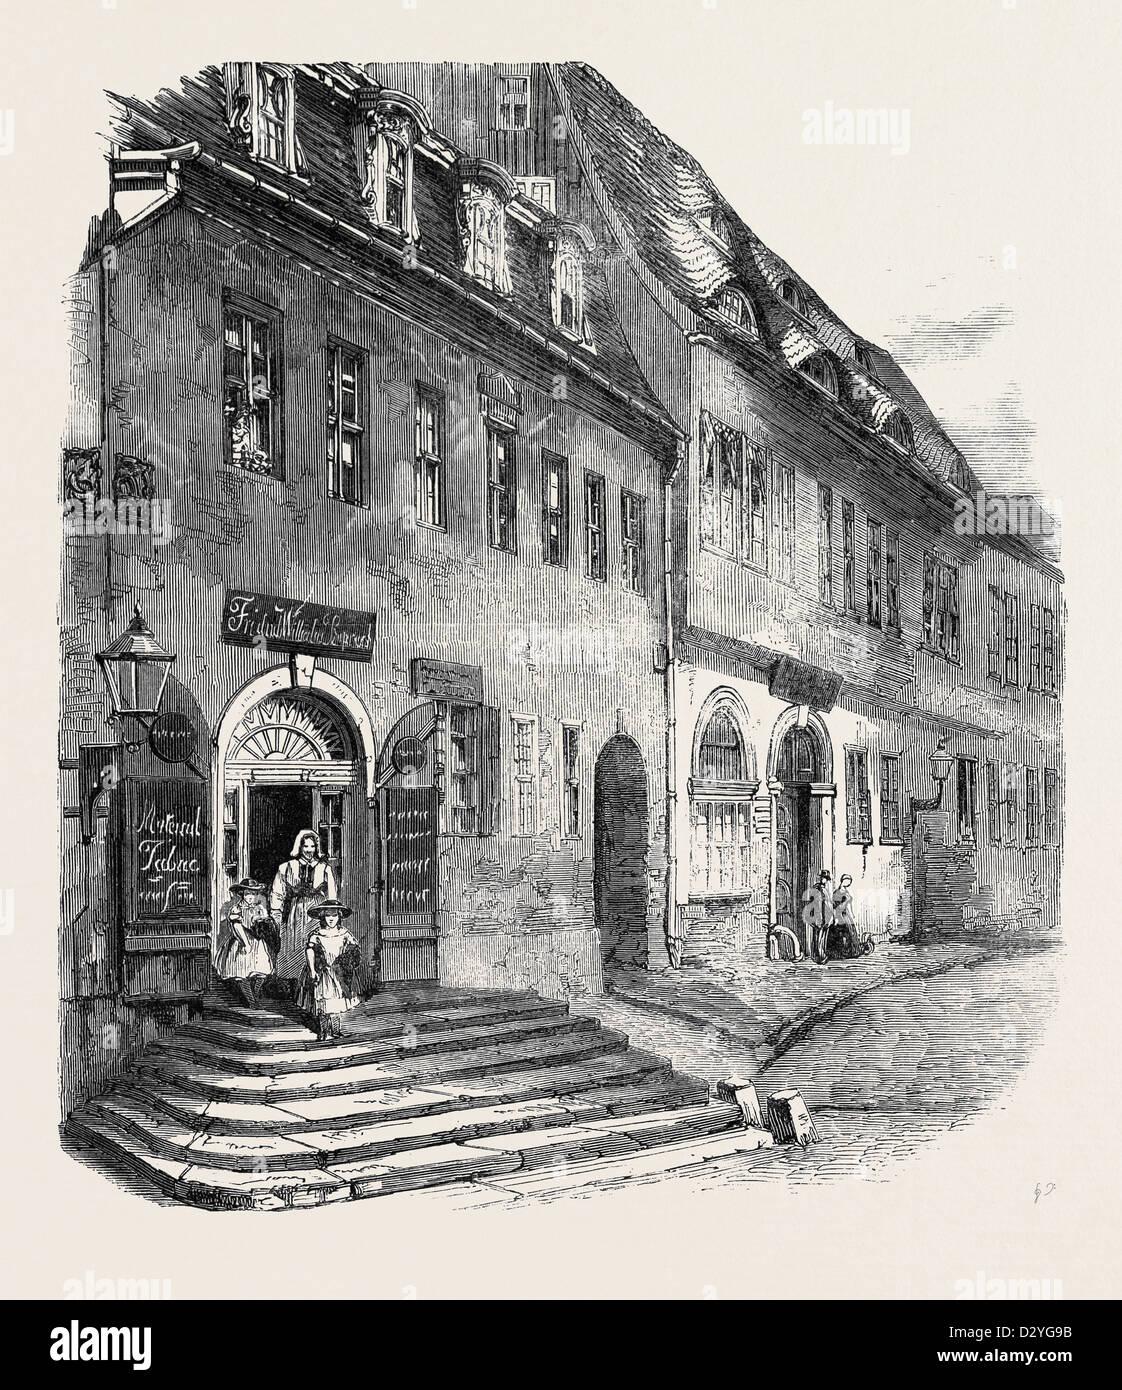 GEBURTSHAUS VON GEORG FRIEDRICH HÄNDEL IN HALLE SACHSEN NACH EINER FOTOGRAFIE VON HERRN C. KLINGEMANN Stockbild